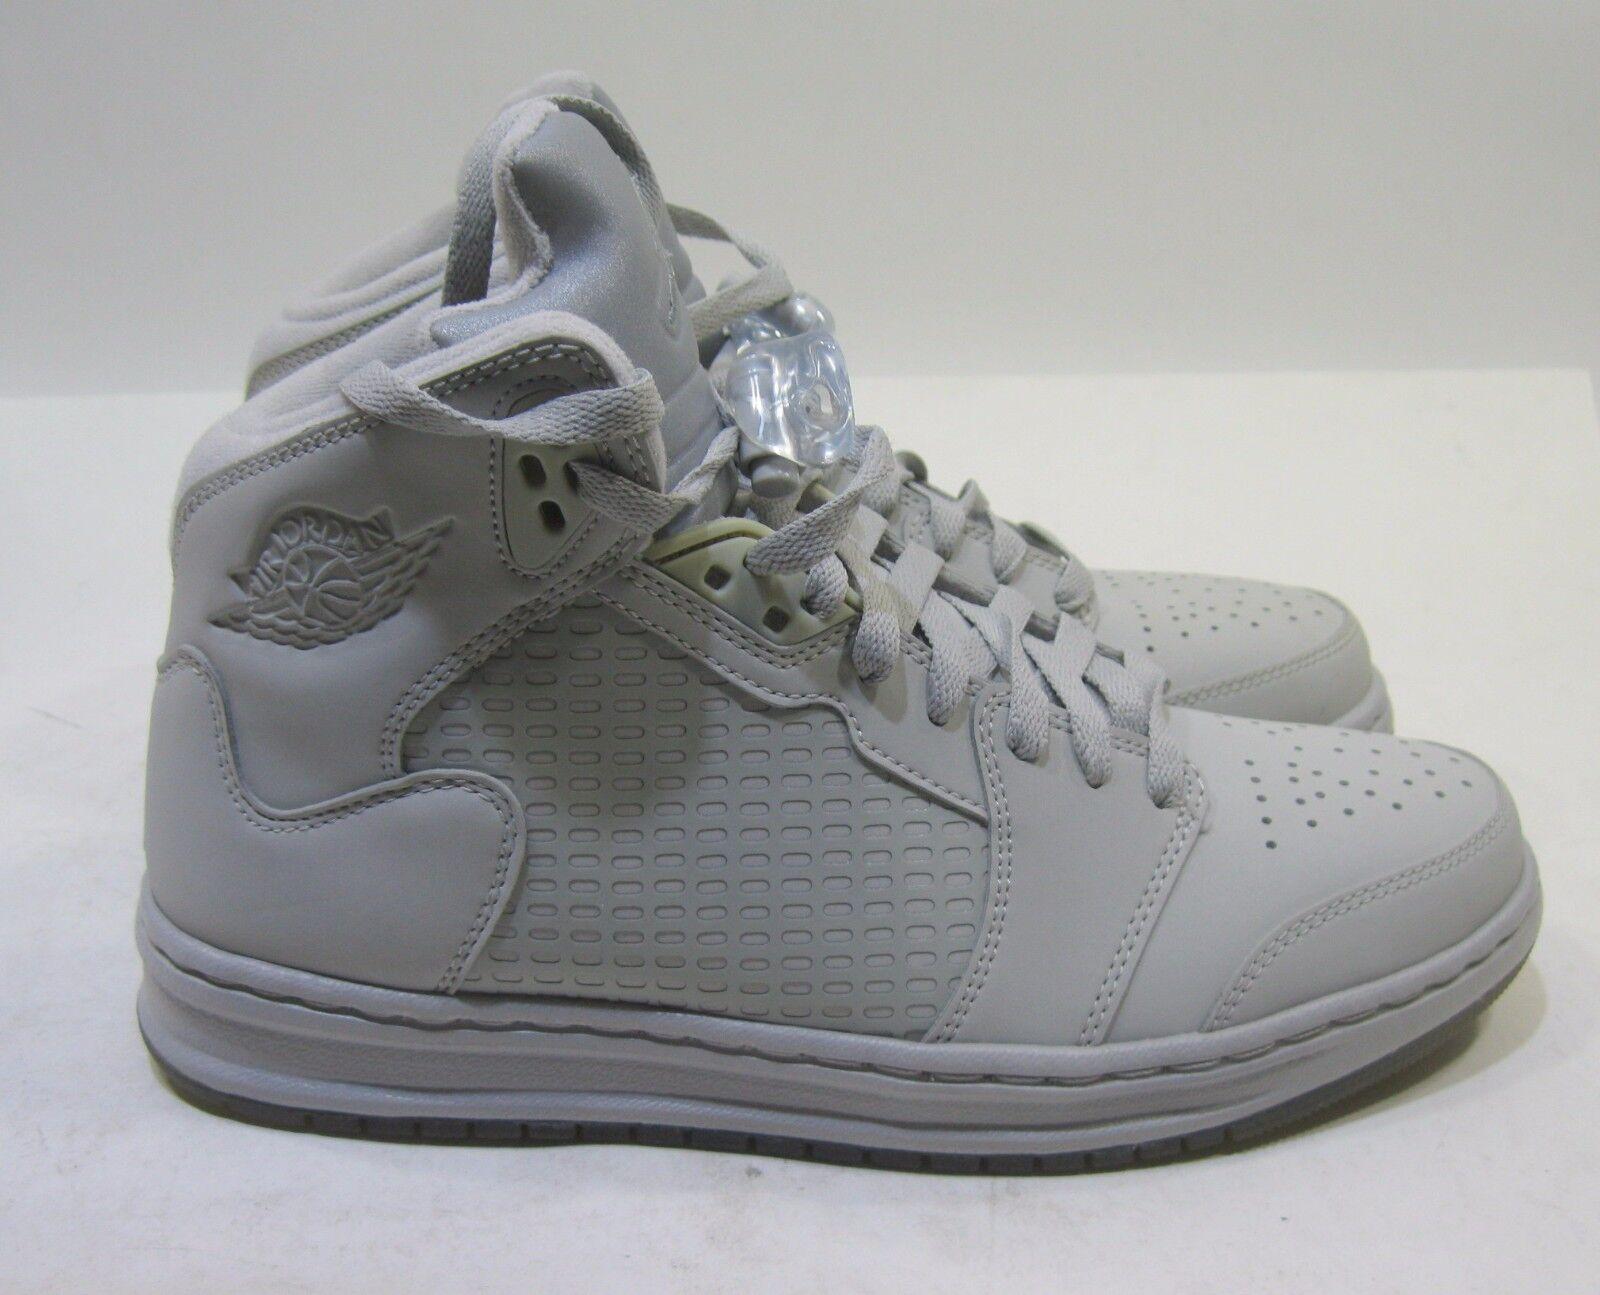 Nike Jordan Prime 5 Basketball 429489-002 Original Tech Grey Men Comfortable